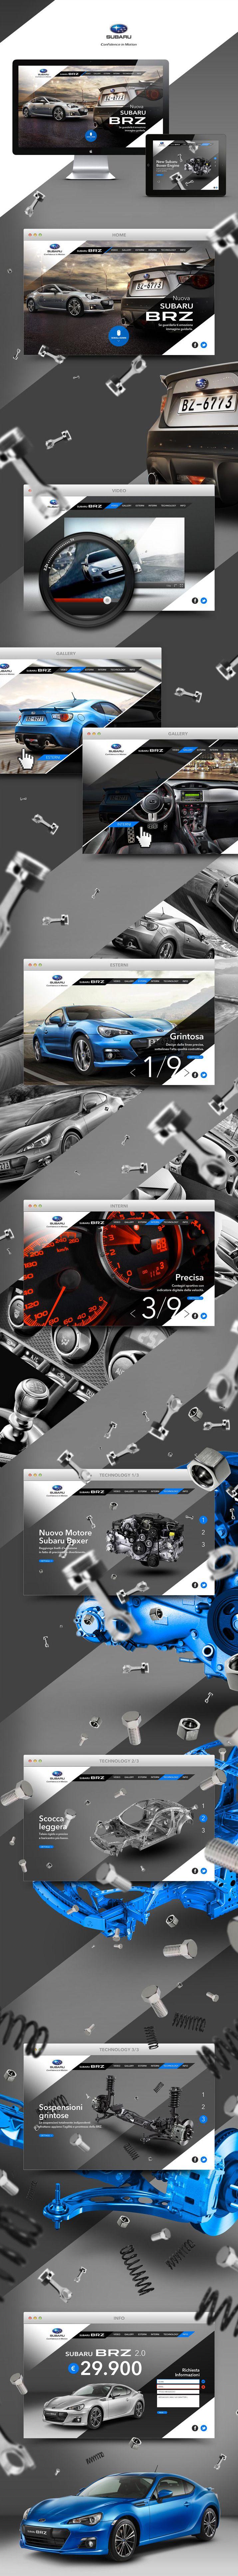 Diagonalen scheinen grad schwer angesagt zu sein ;) | Subaru BRZ Website | Fabio Minerva